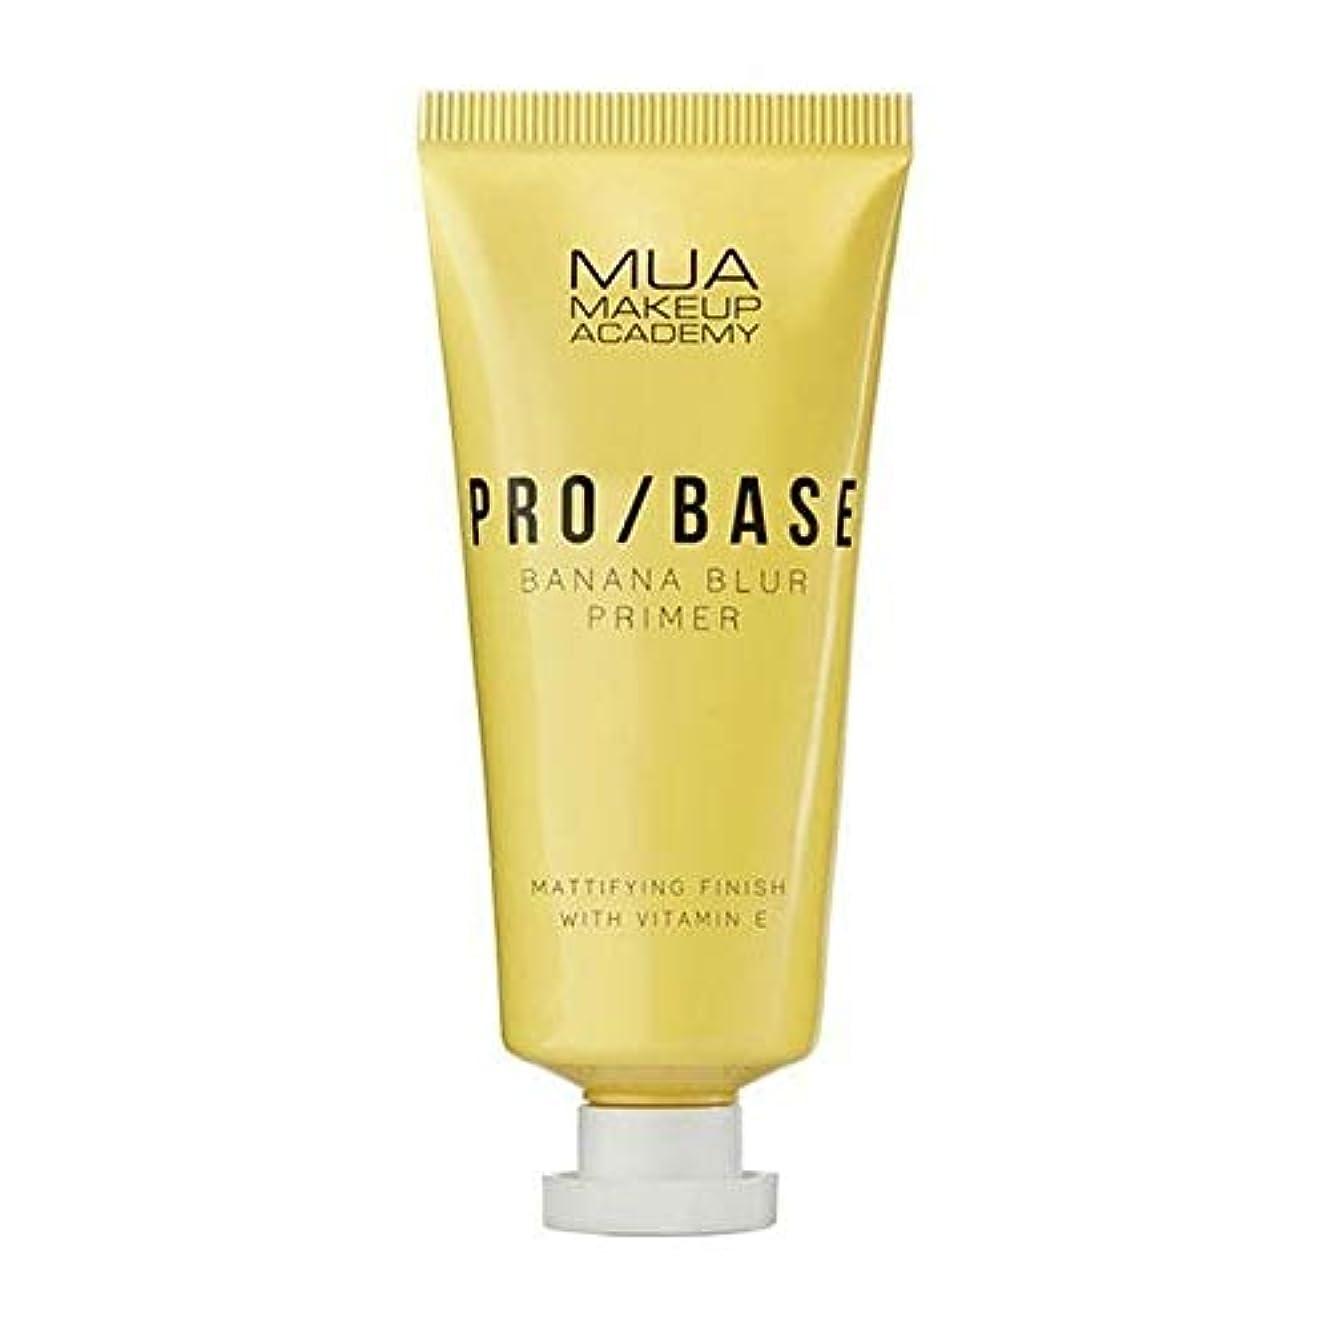 崩壊手ふざけた[MUA] Muaプロベースバナナブレプライマー - MUA Pro Base Banana Blur Primer [並行輸入品]